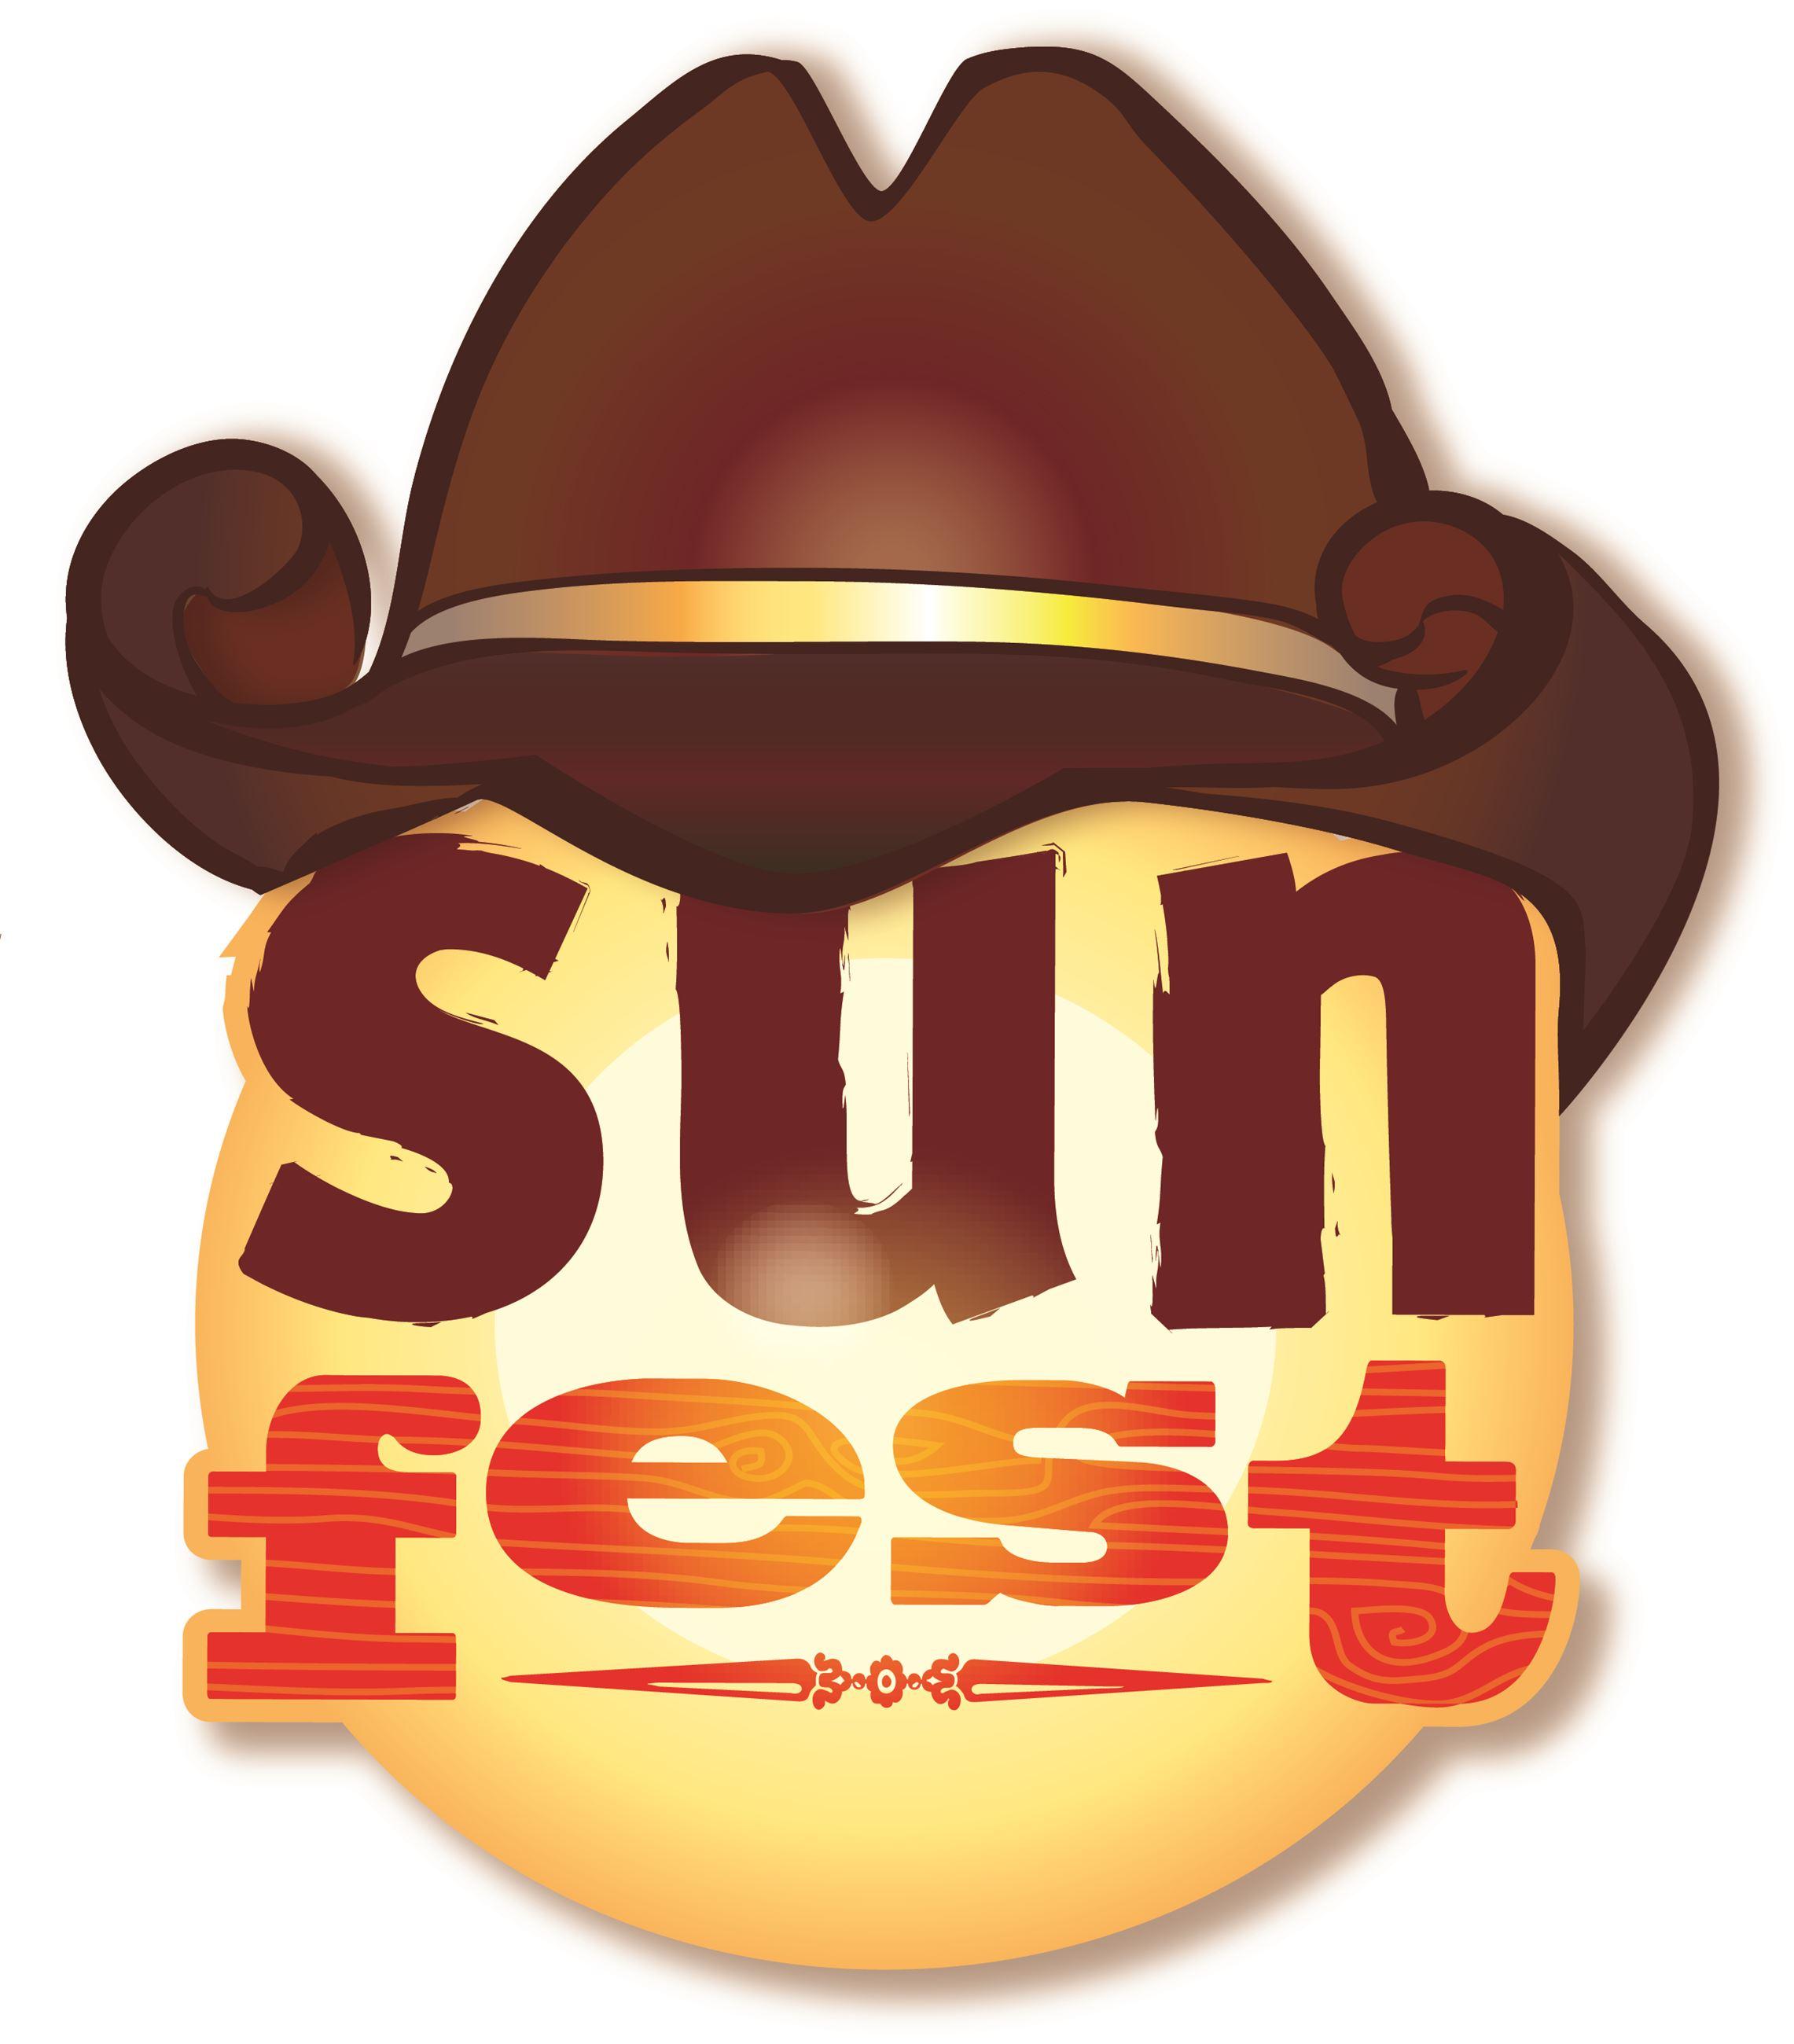 Sun Fest Opens in new window